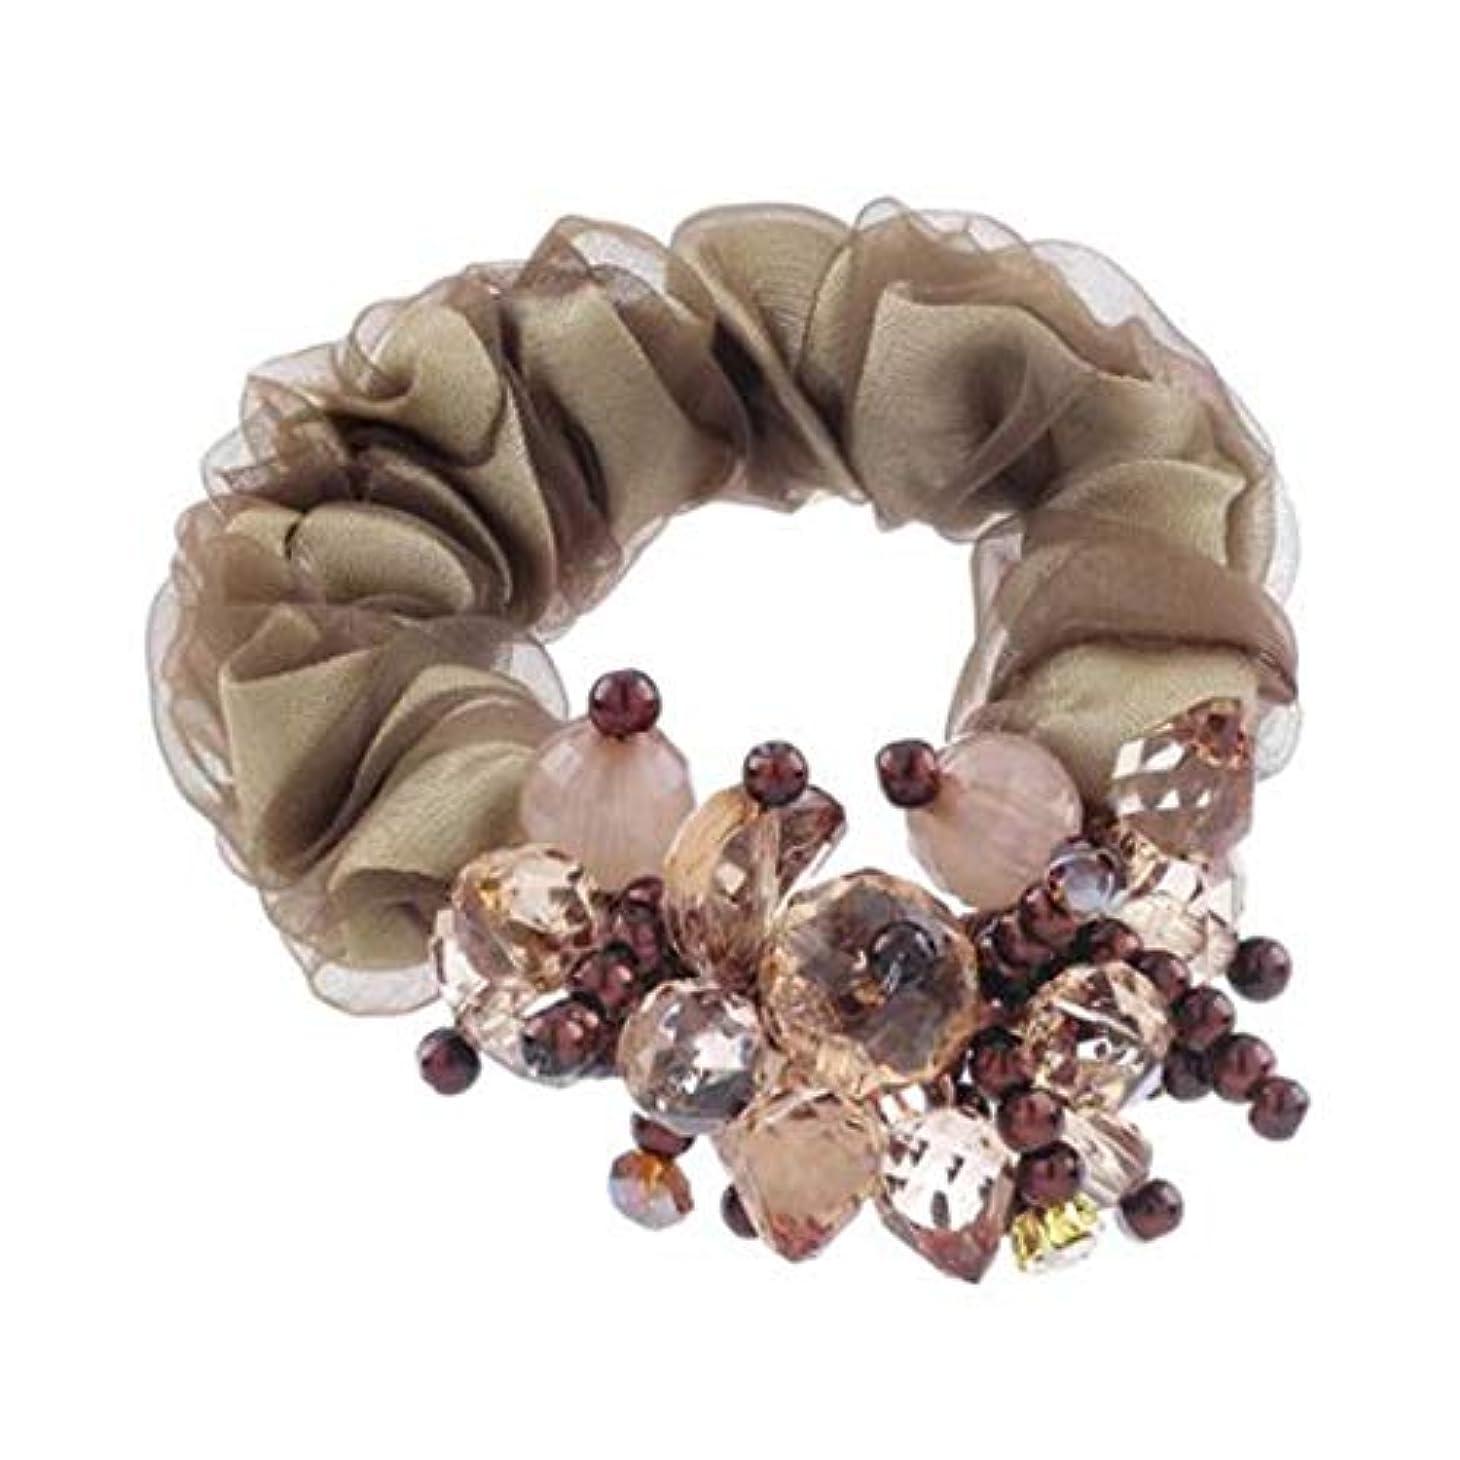 幻滅贅沢な侵略ヘアクリップ、ヘアピン、ヘアグリップ、ヘアグリップ、ヘアアクセサリーヘアバンドヘアーロープヘアネクタイヘアバンドラバーバンドヘッドロープ女性ヘッドジュエリーアダルトプレート髪純色ビーズ第三の花の色 (Color : Brown)